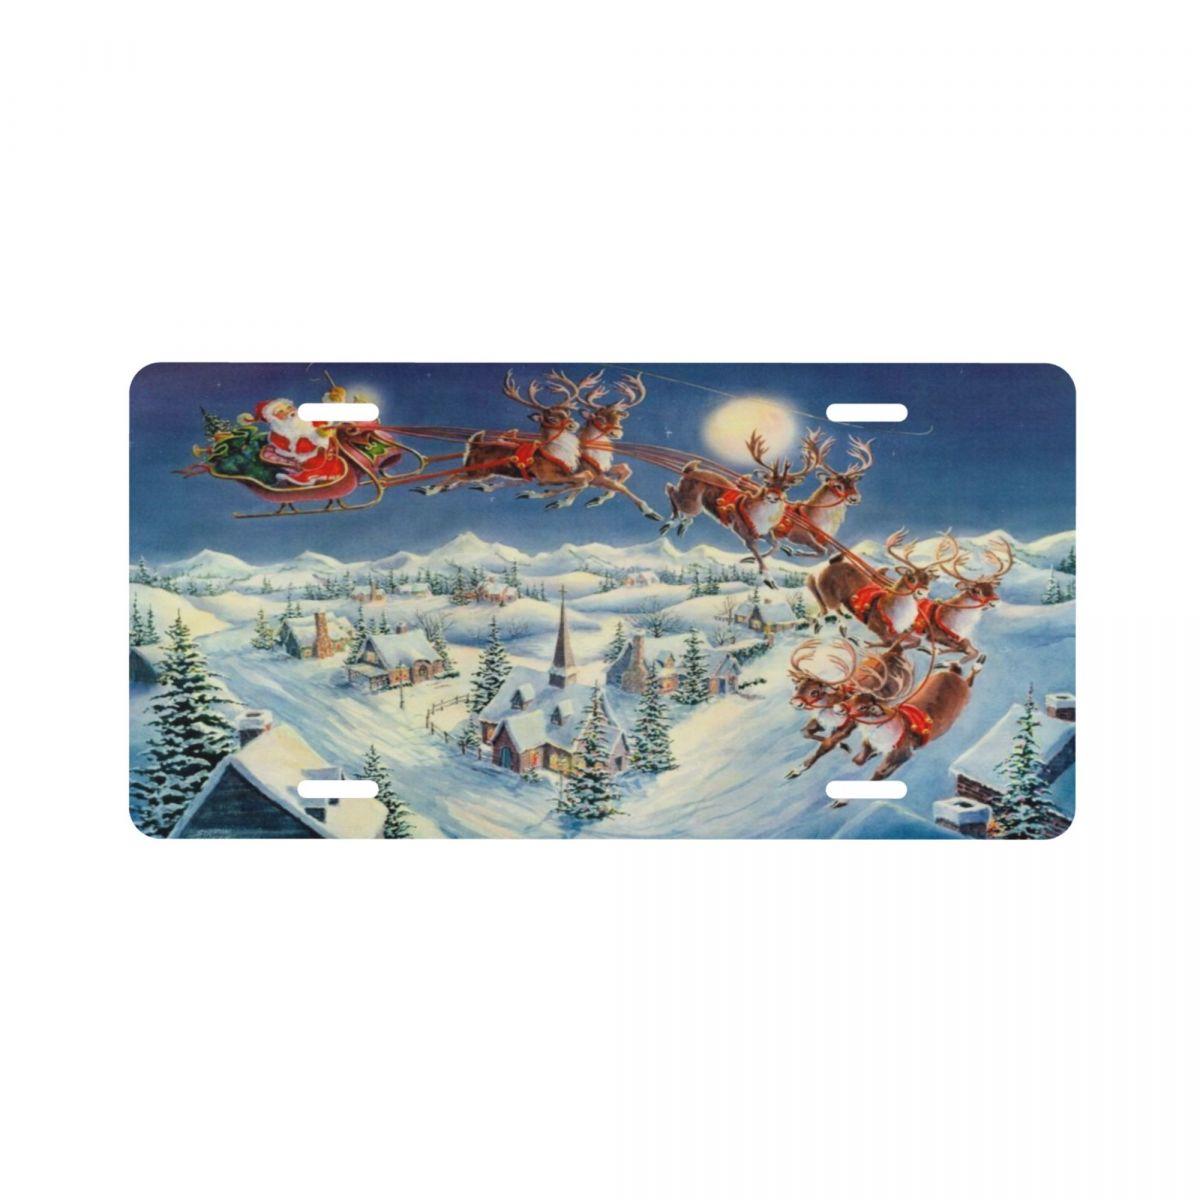 Металлический автомобильный номерной знак Санта Клаус 6 дюймов x 12 дюймов